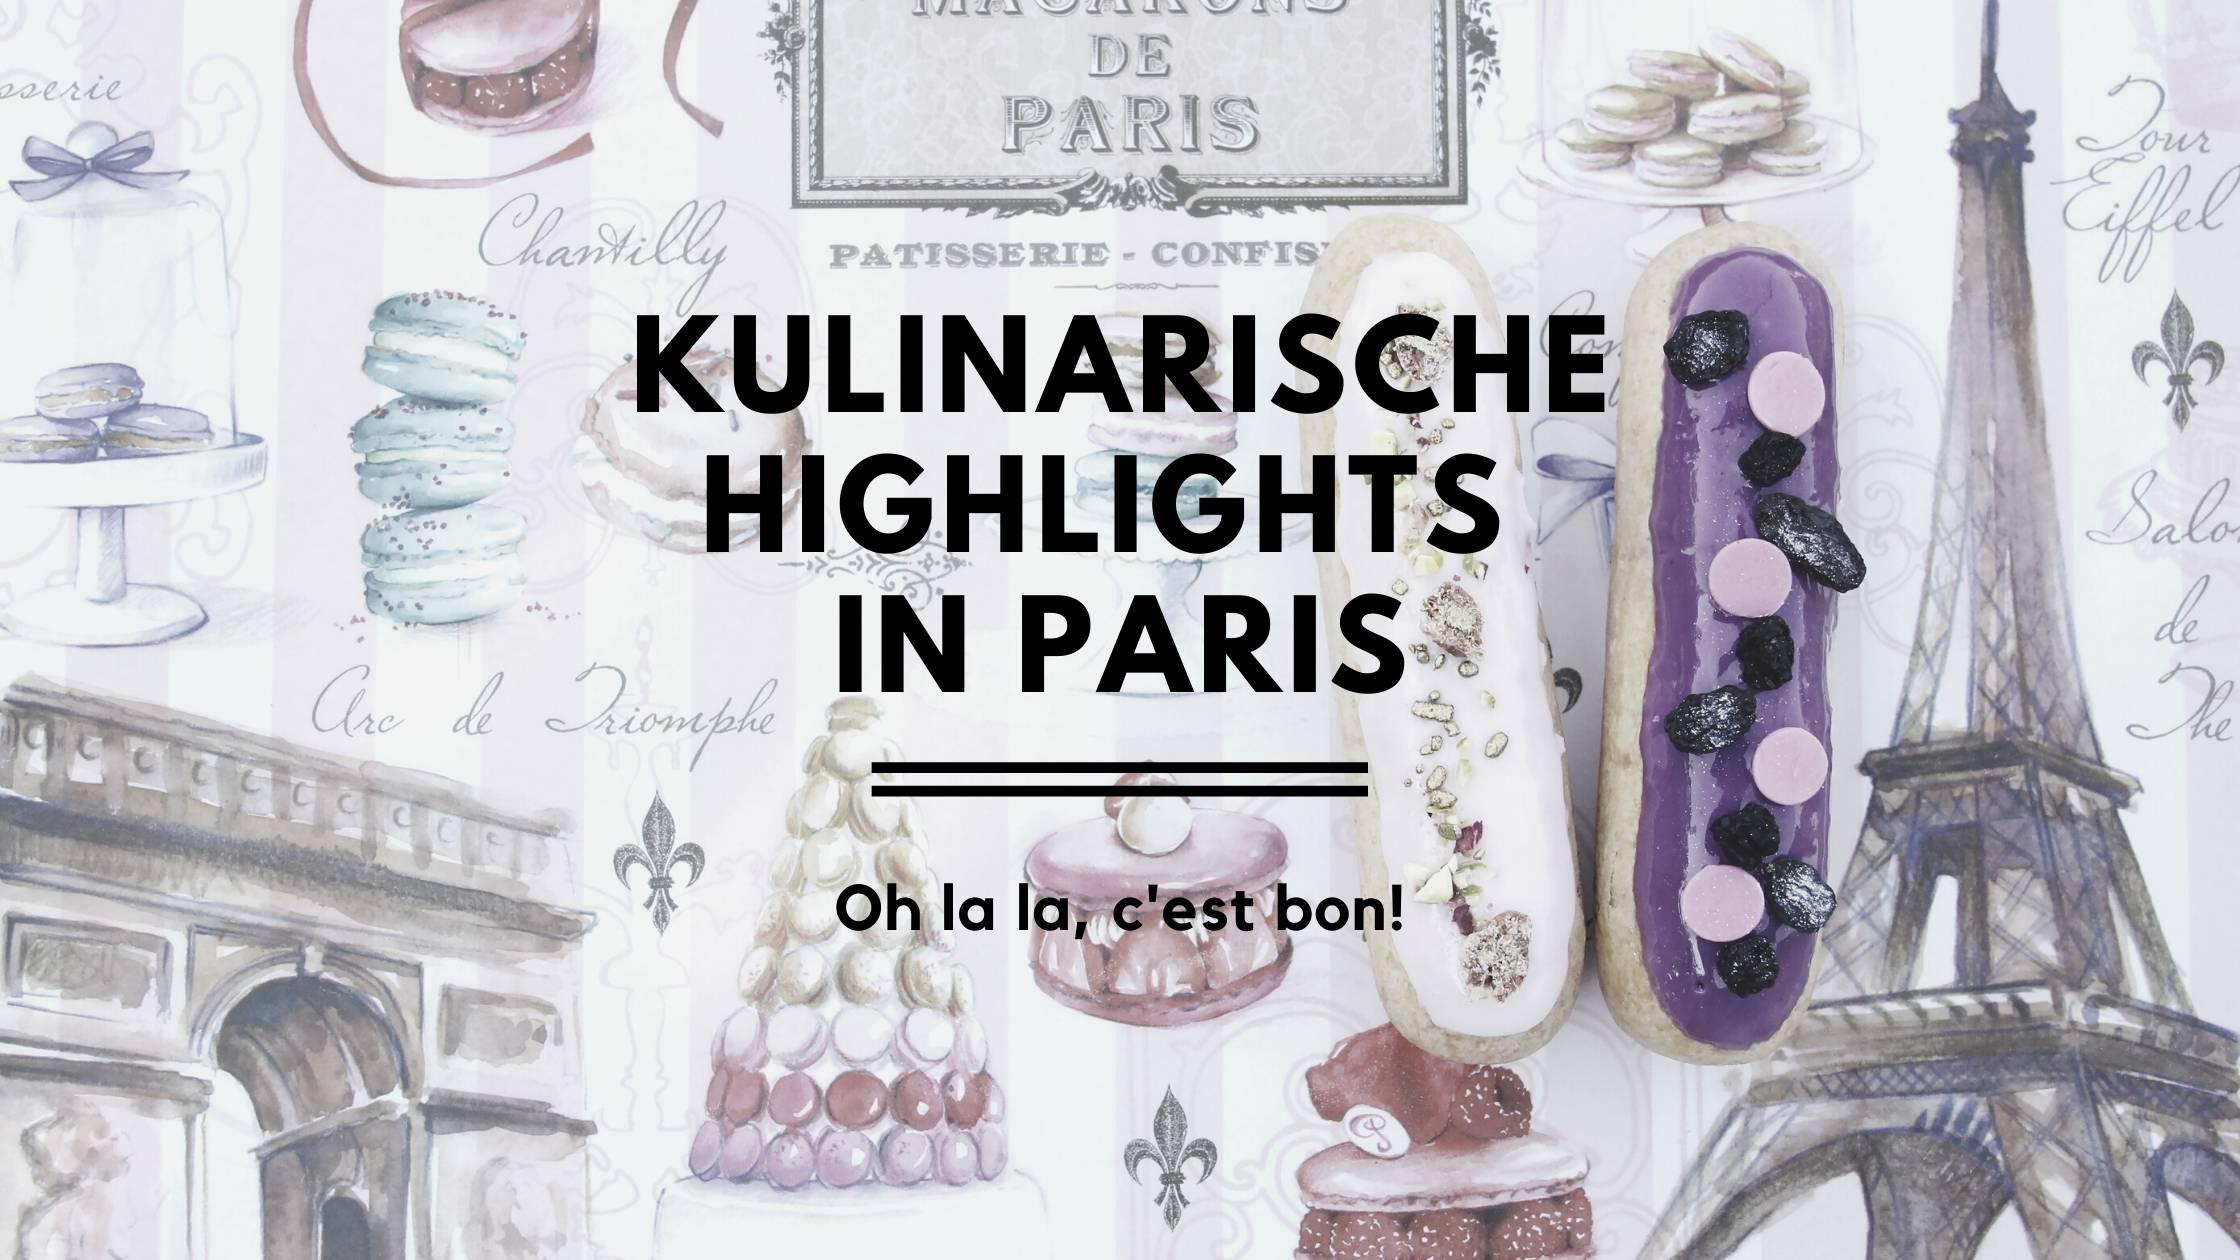 Kulinarische Highlights in Paris